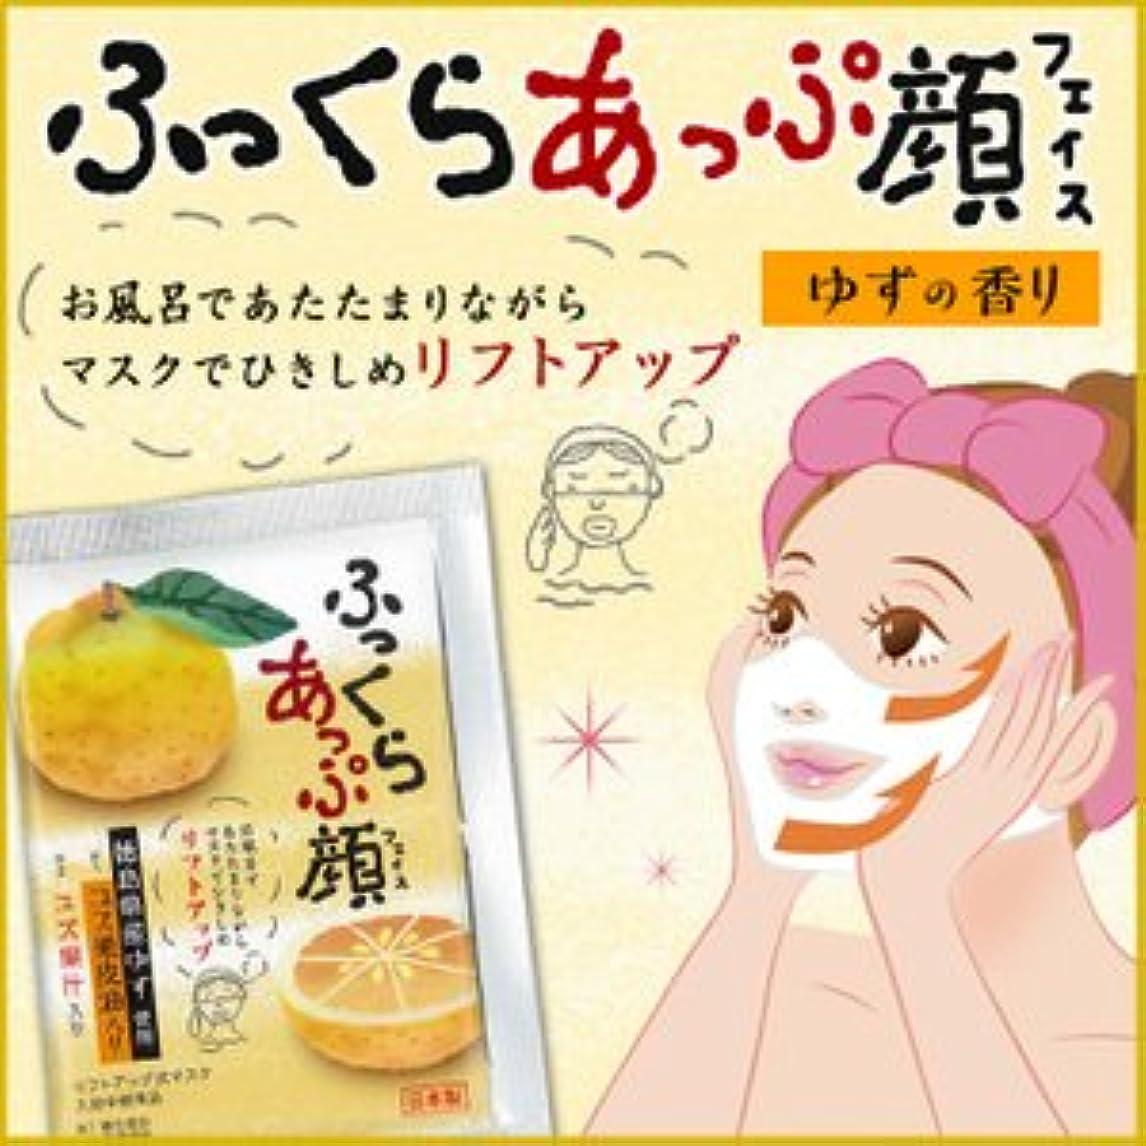 持続的教育学ベーリング海峡リフトアップ フェイスマスク ゆずの香り(20ml×1×7枚)